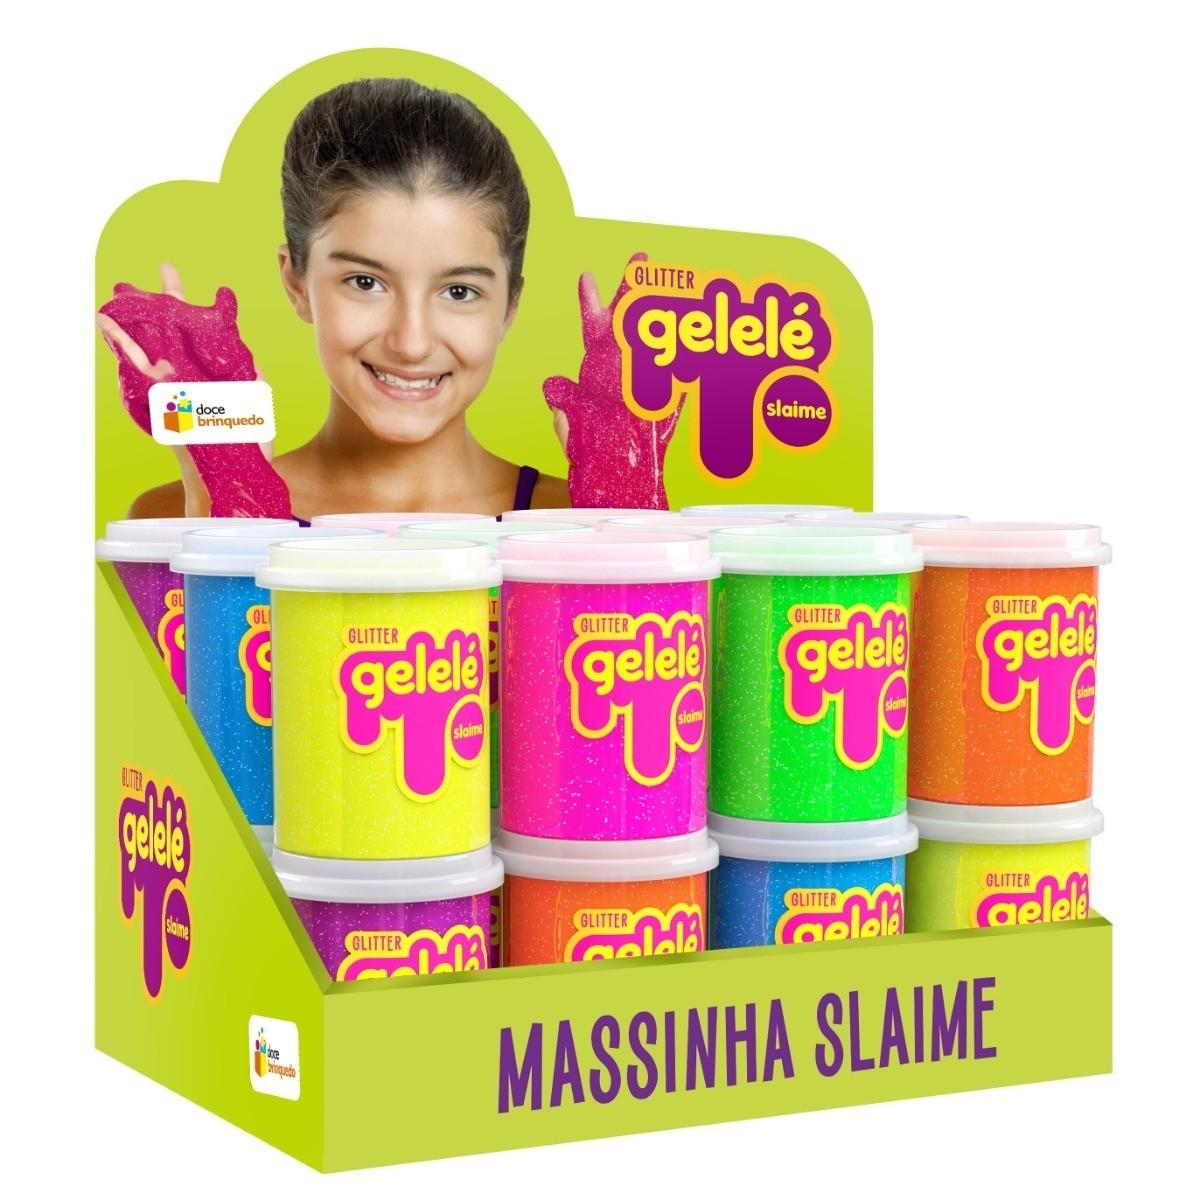 Kit Massinha Gelelé Slime c/ 24 Potes 152 g - Sortidos - Doce Brinquedos